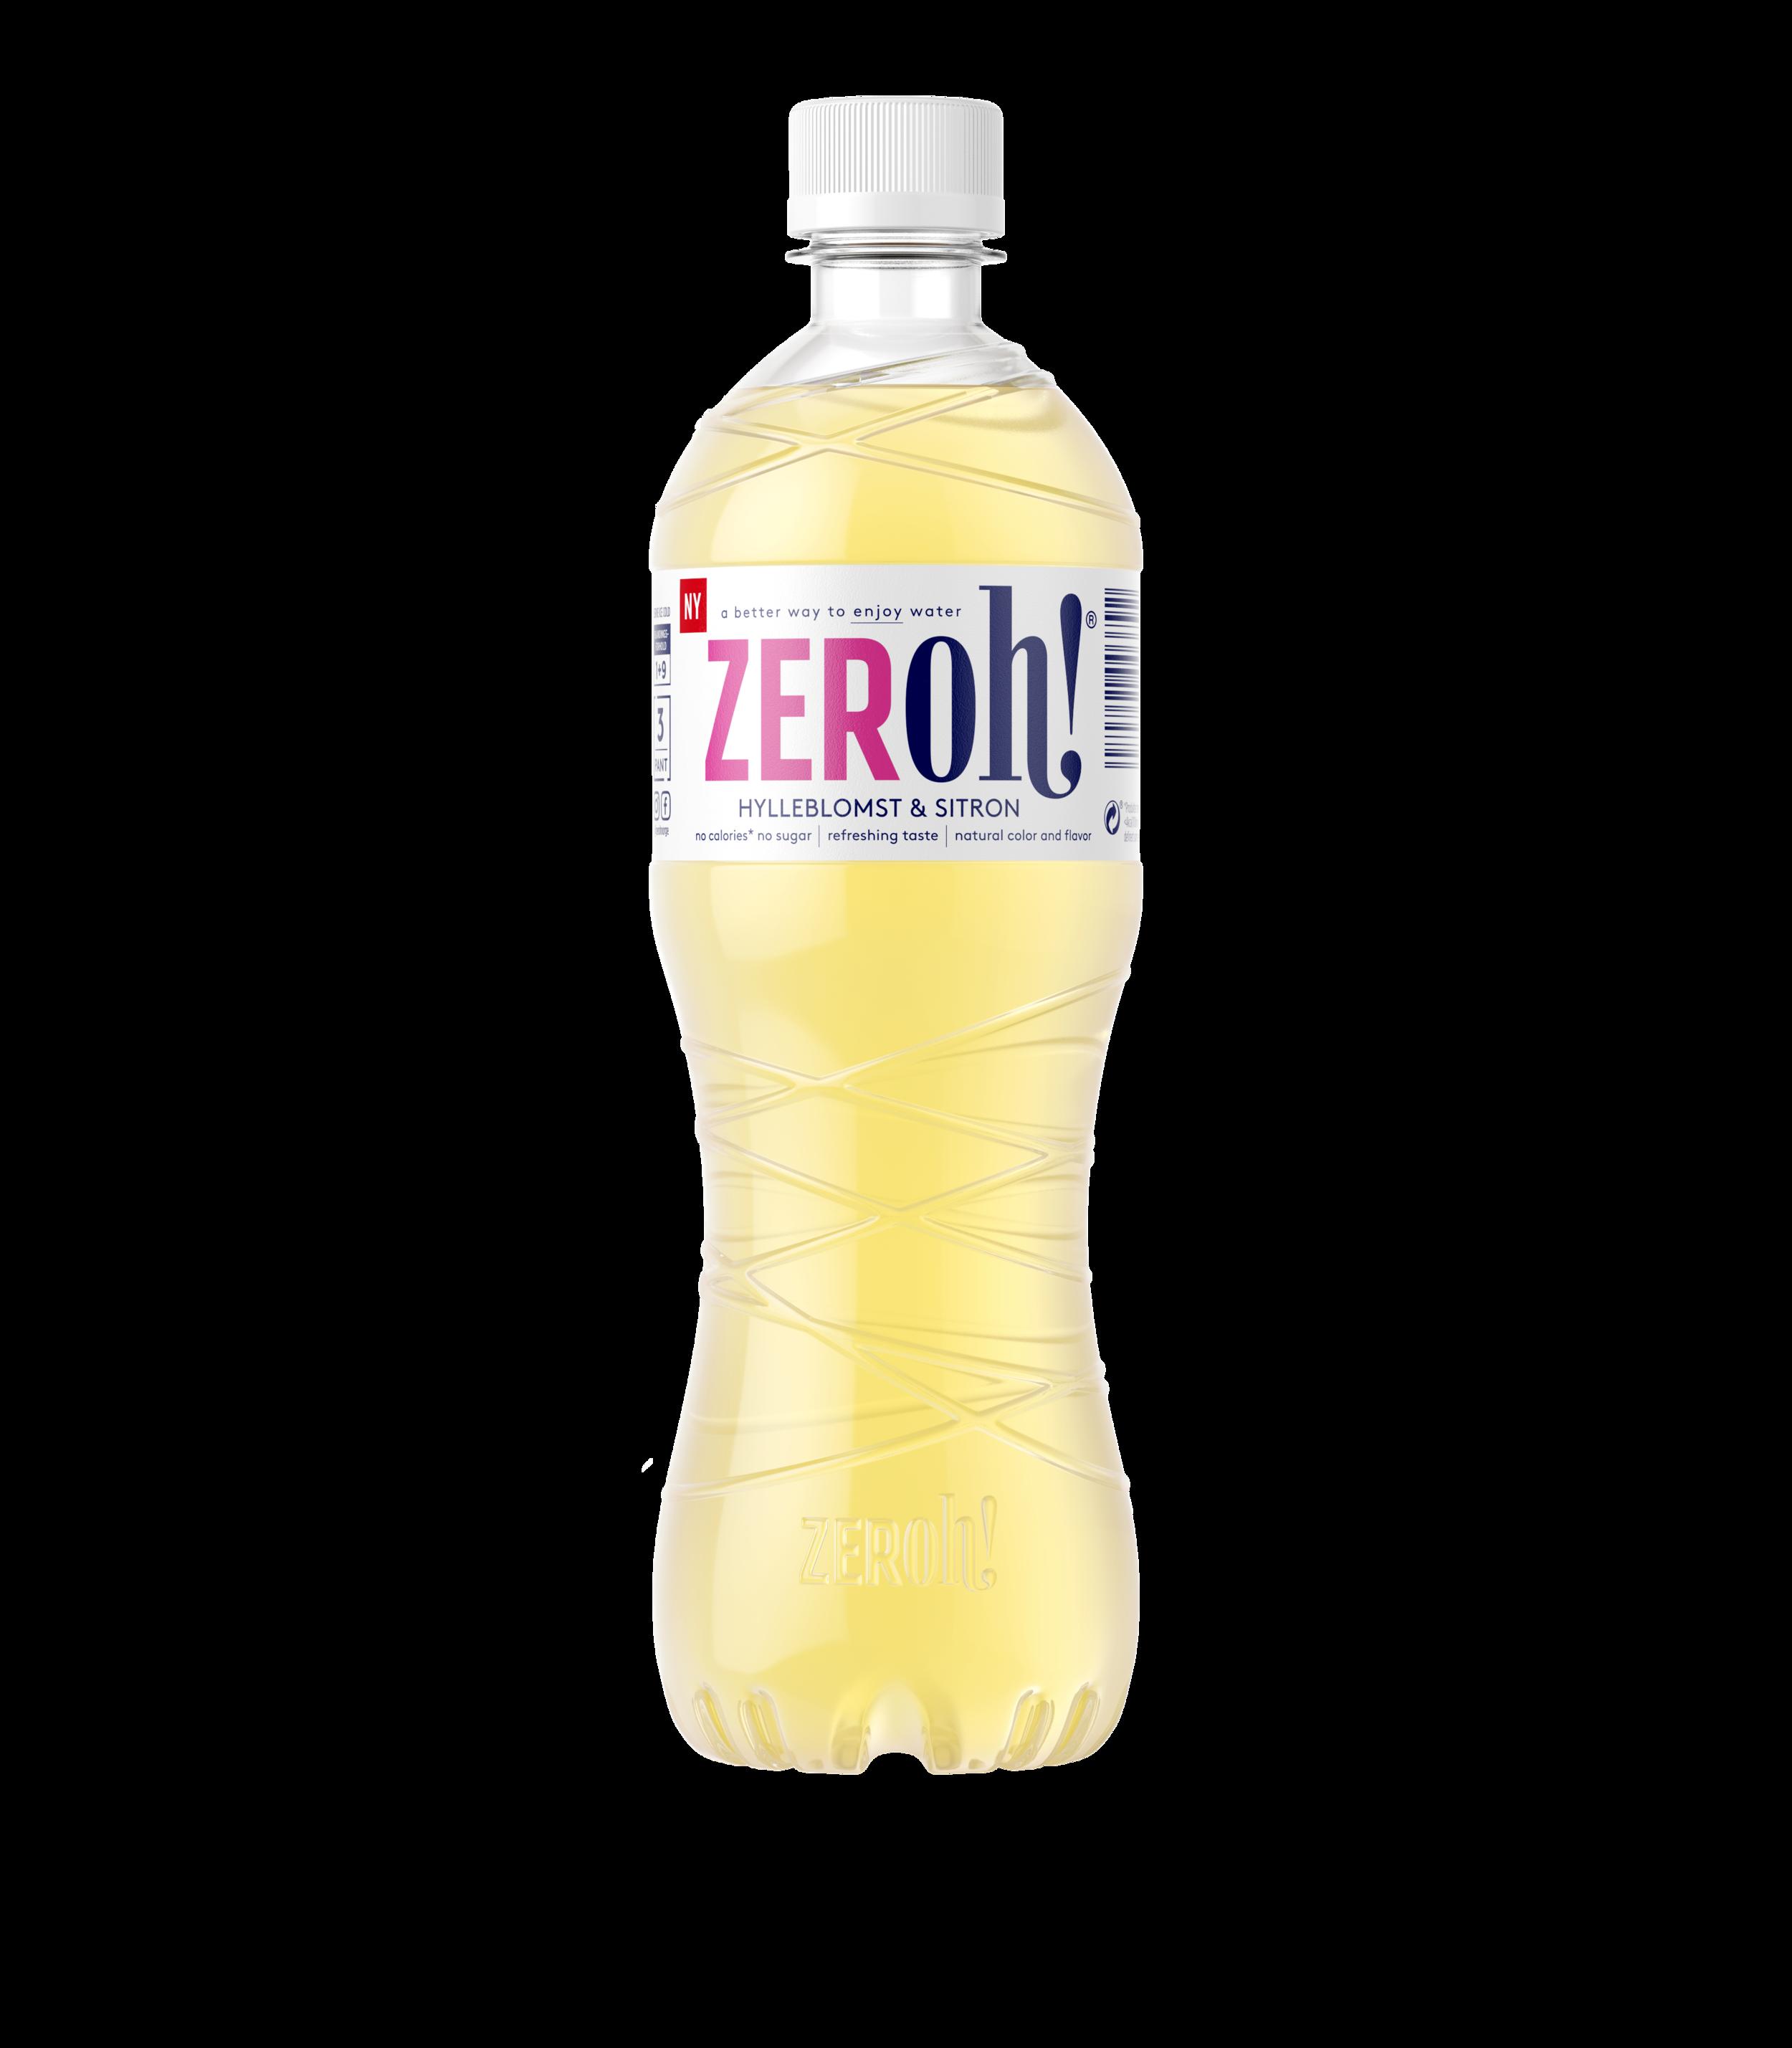 ZERoh! Hylleblomst & Sitron 2019 3D transparent.png